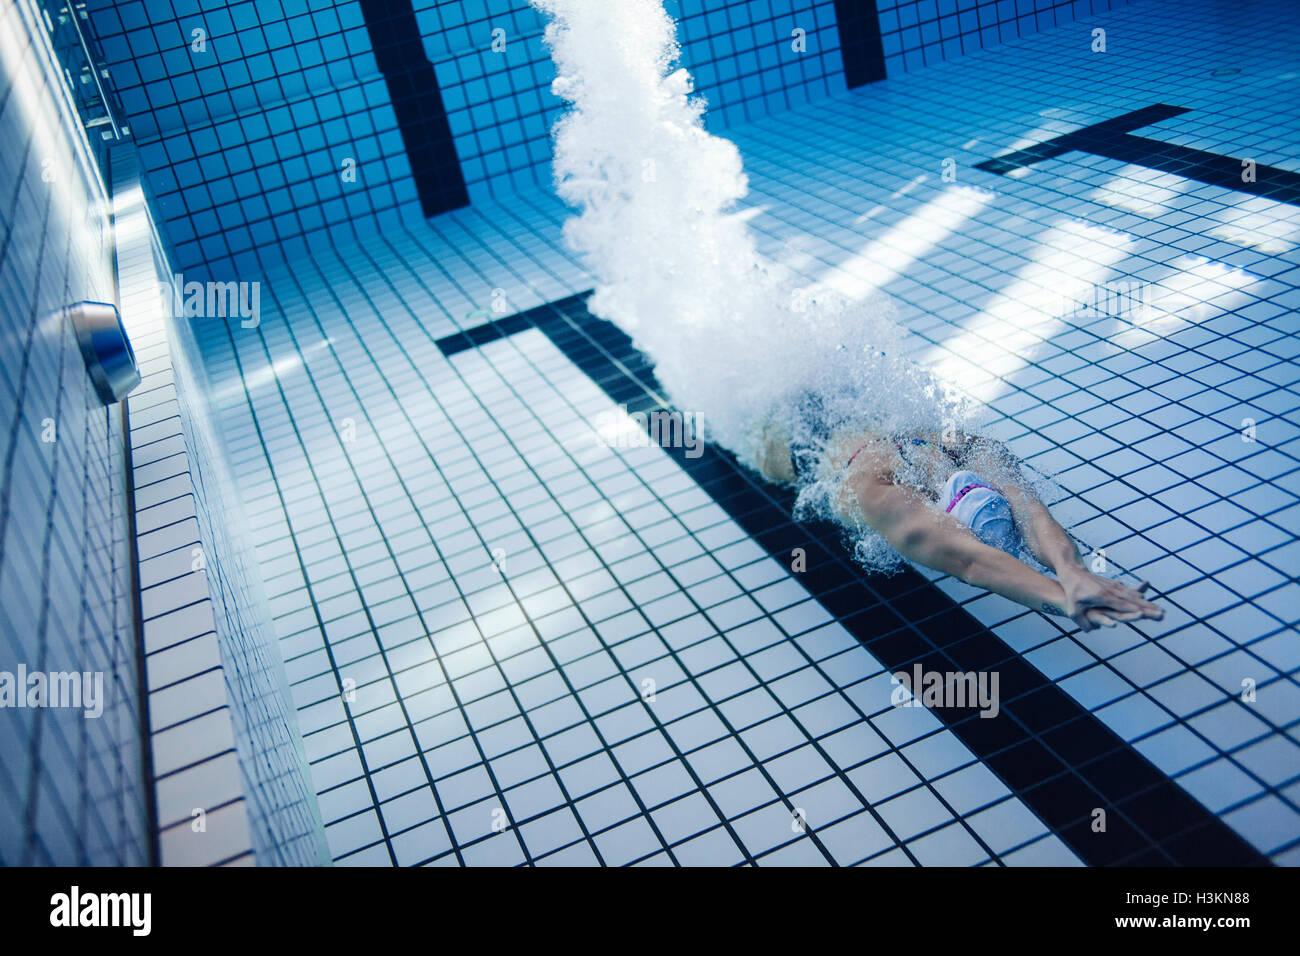 Underwater swimming pool nageuse à l'intérieur. Mettre en place les jeunes femmes formation nageur dans la piscine. Banque D'Images